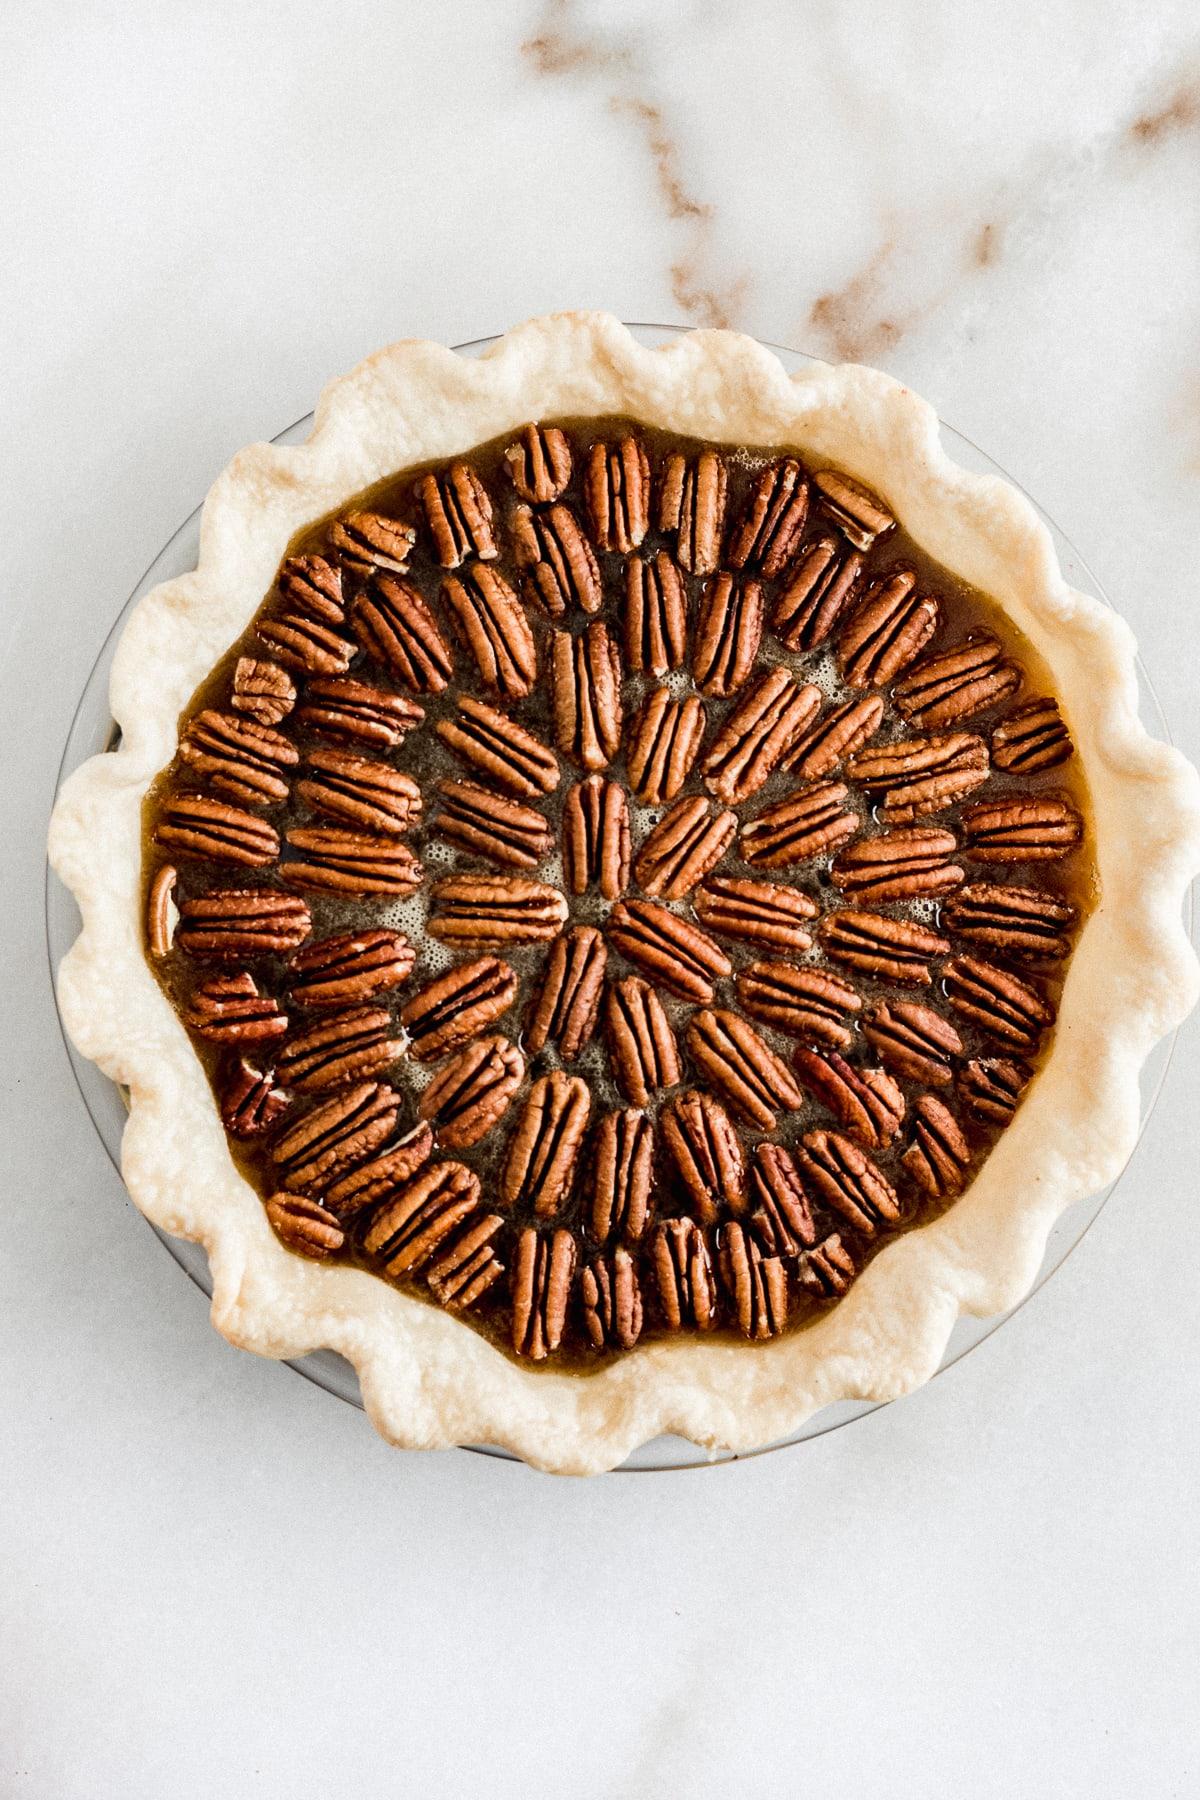 overhead view of pecan pie before baking.